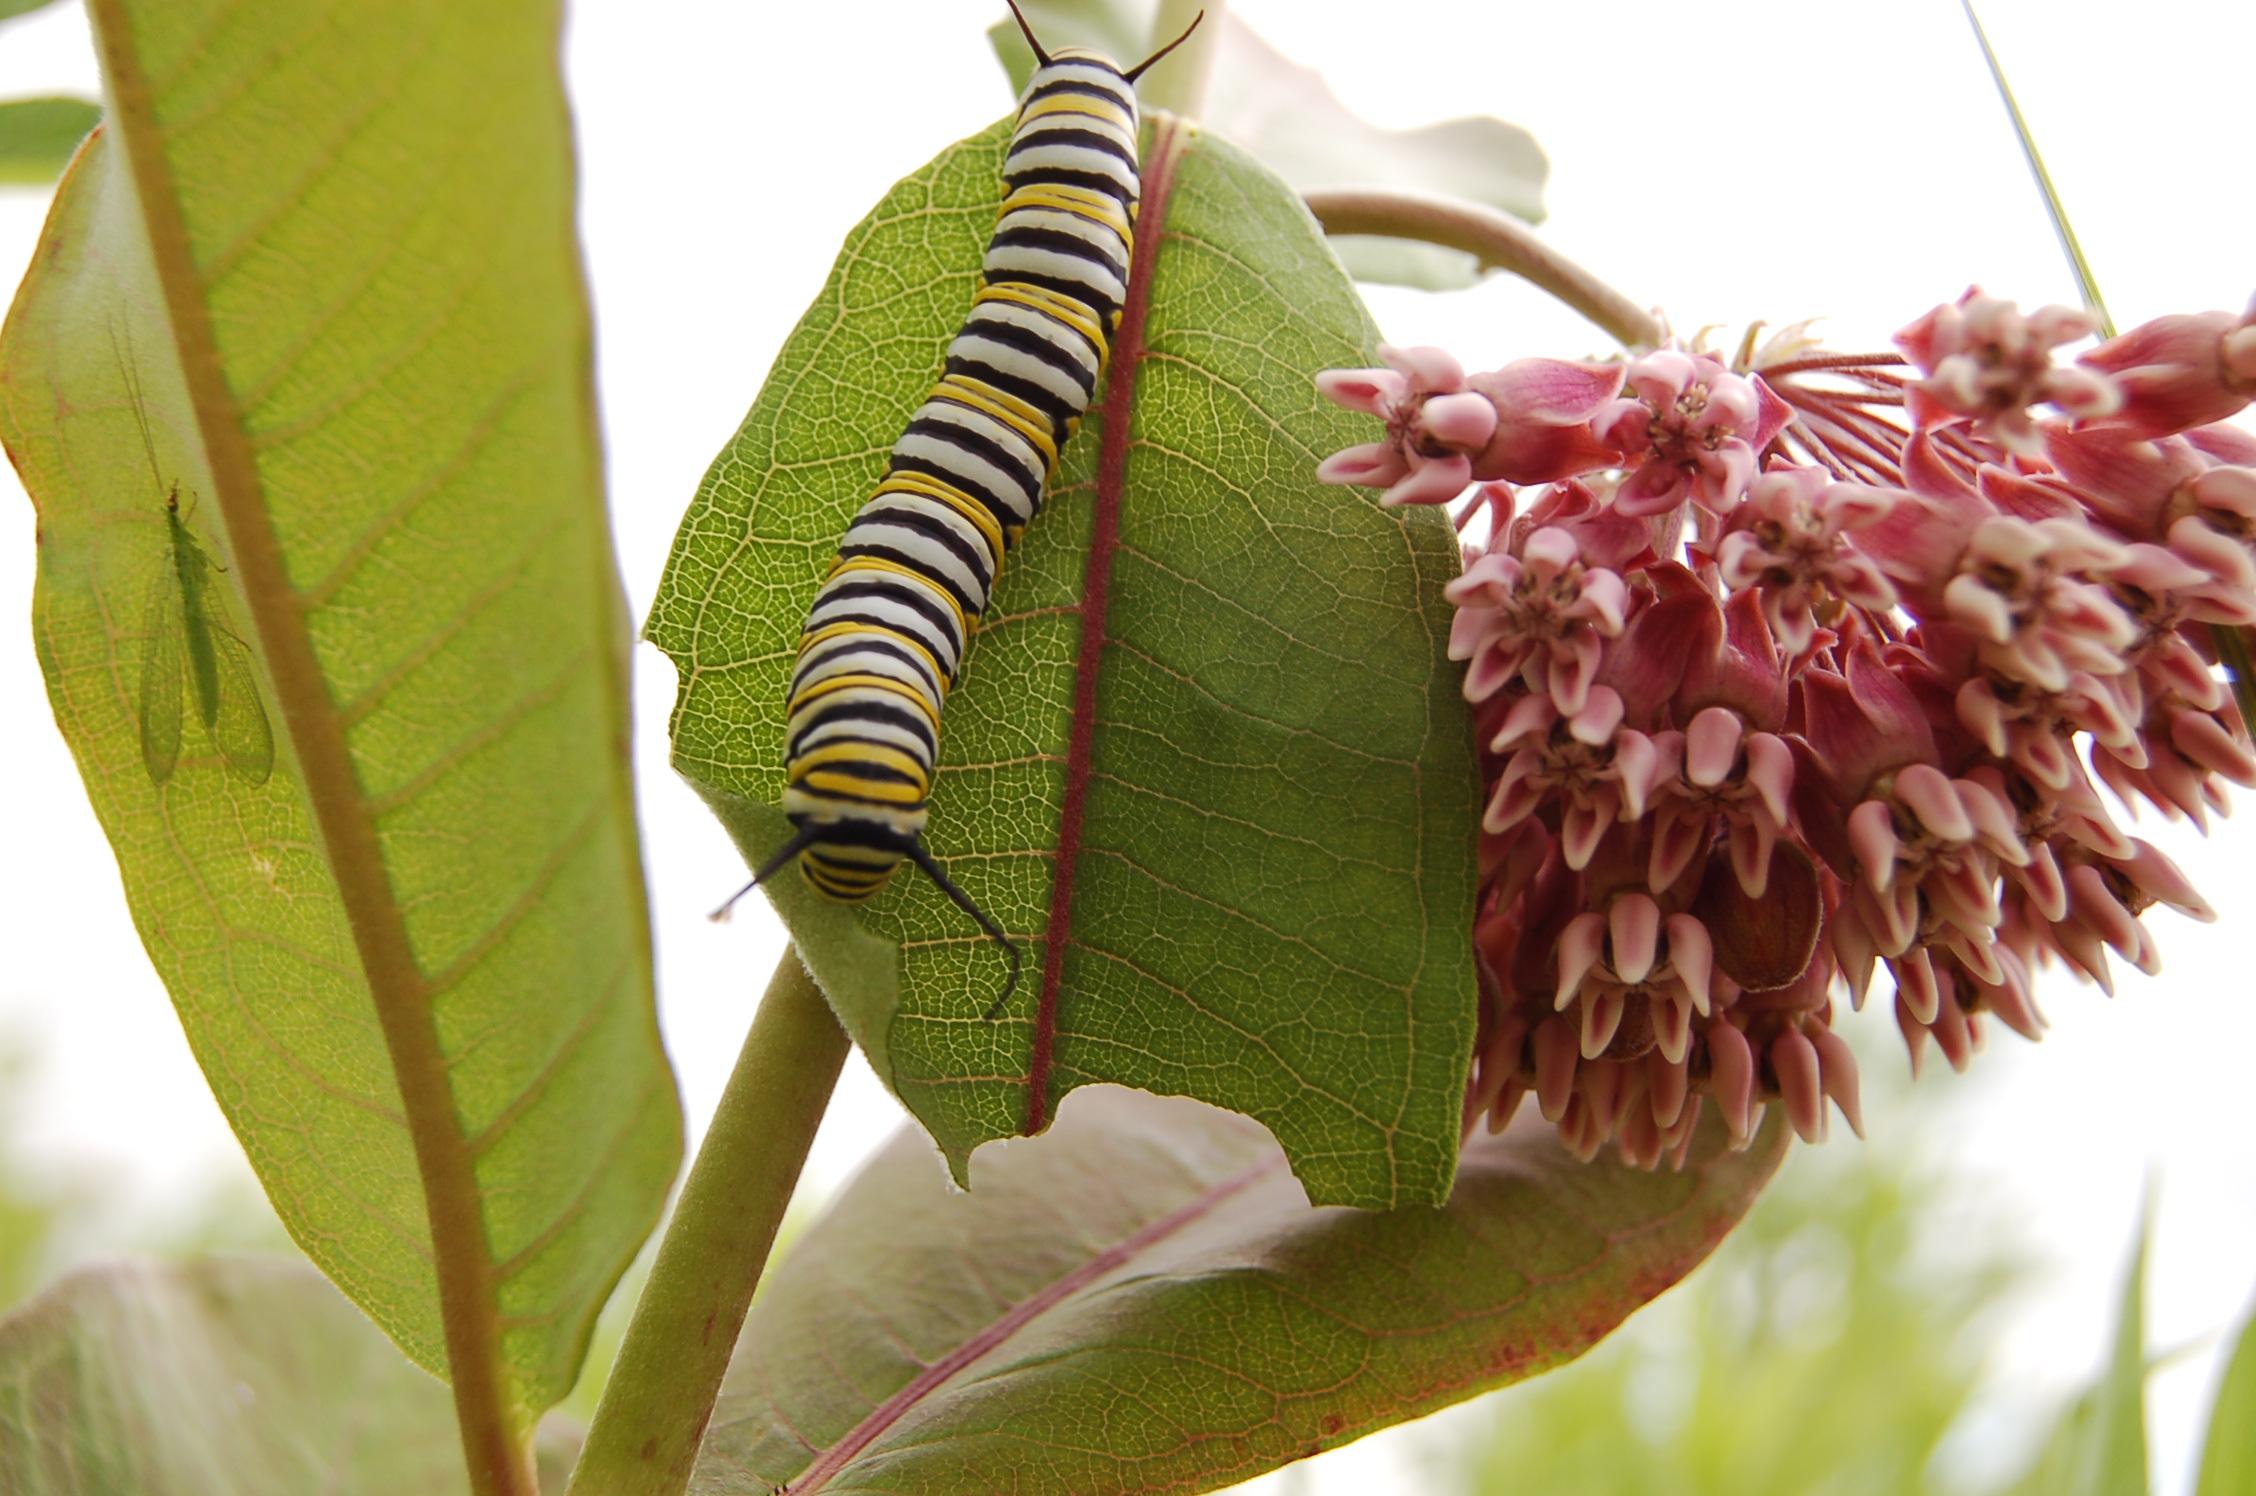 Monarch caterpillar on common milkweed. Photo by Madison Audubon Society.